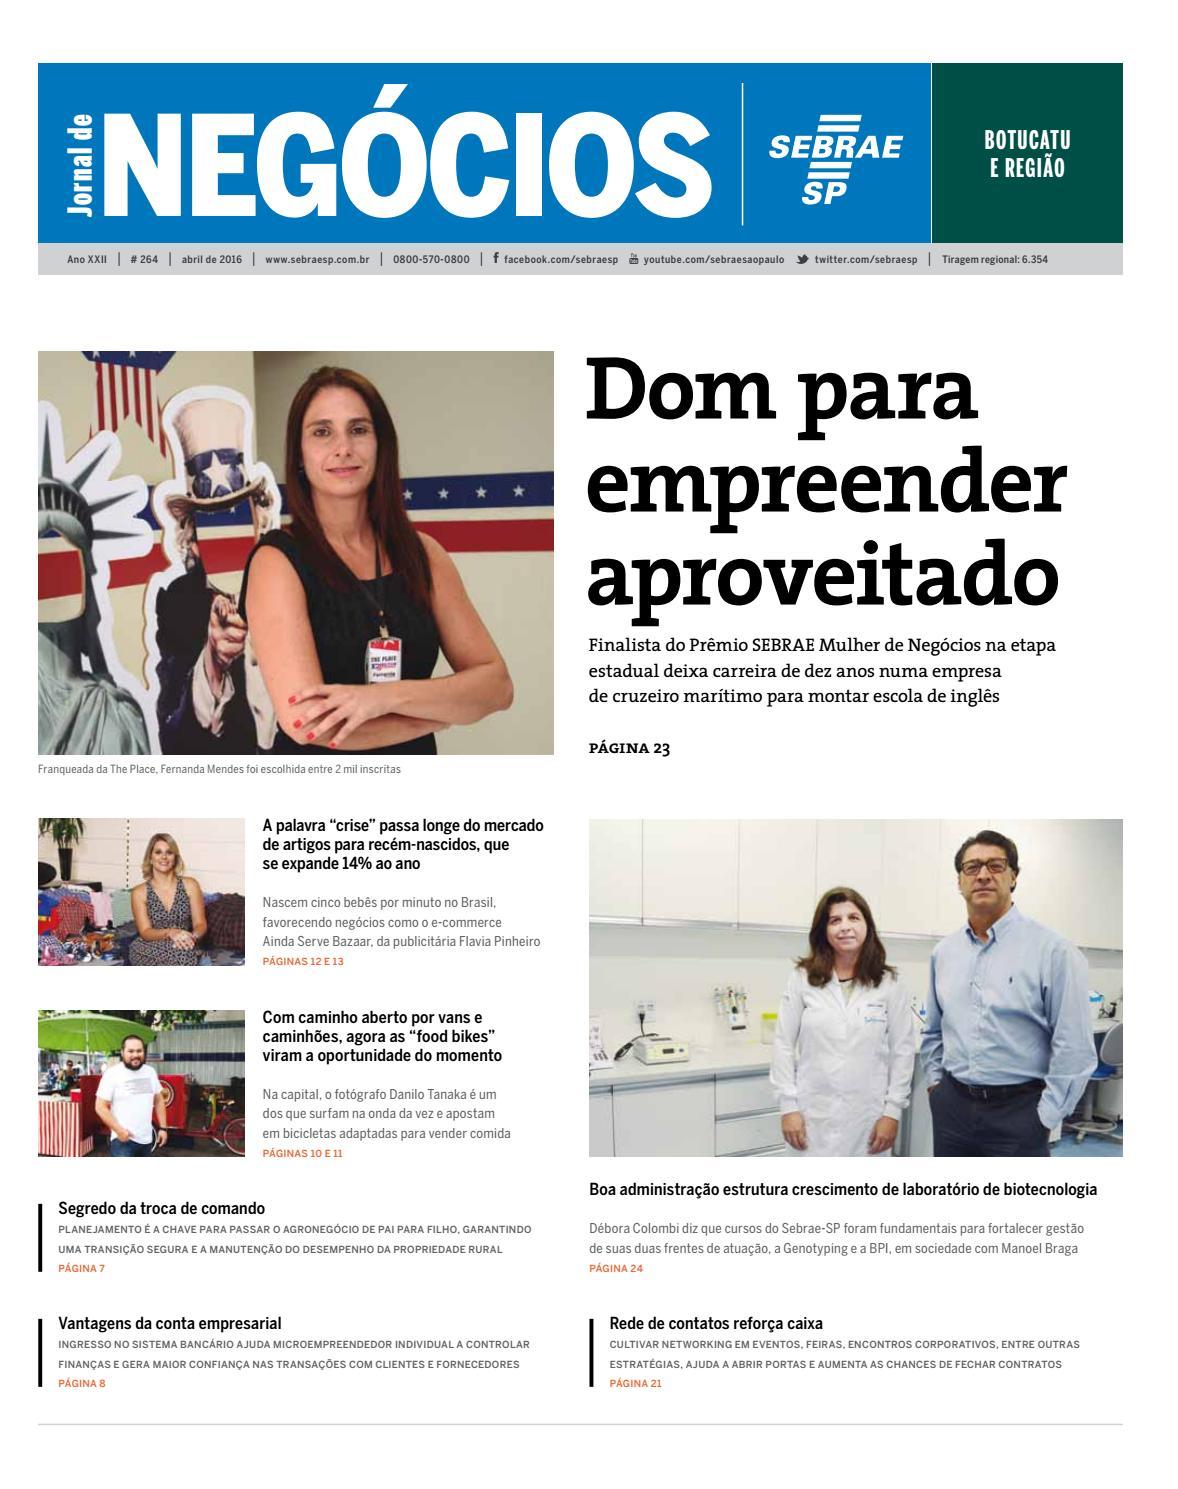 5c0b1ba42 Jornal de Negócios Sebrae-SP - 01 de março de 2016 - Botucatu e região by  Sebrae-SP - issuu